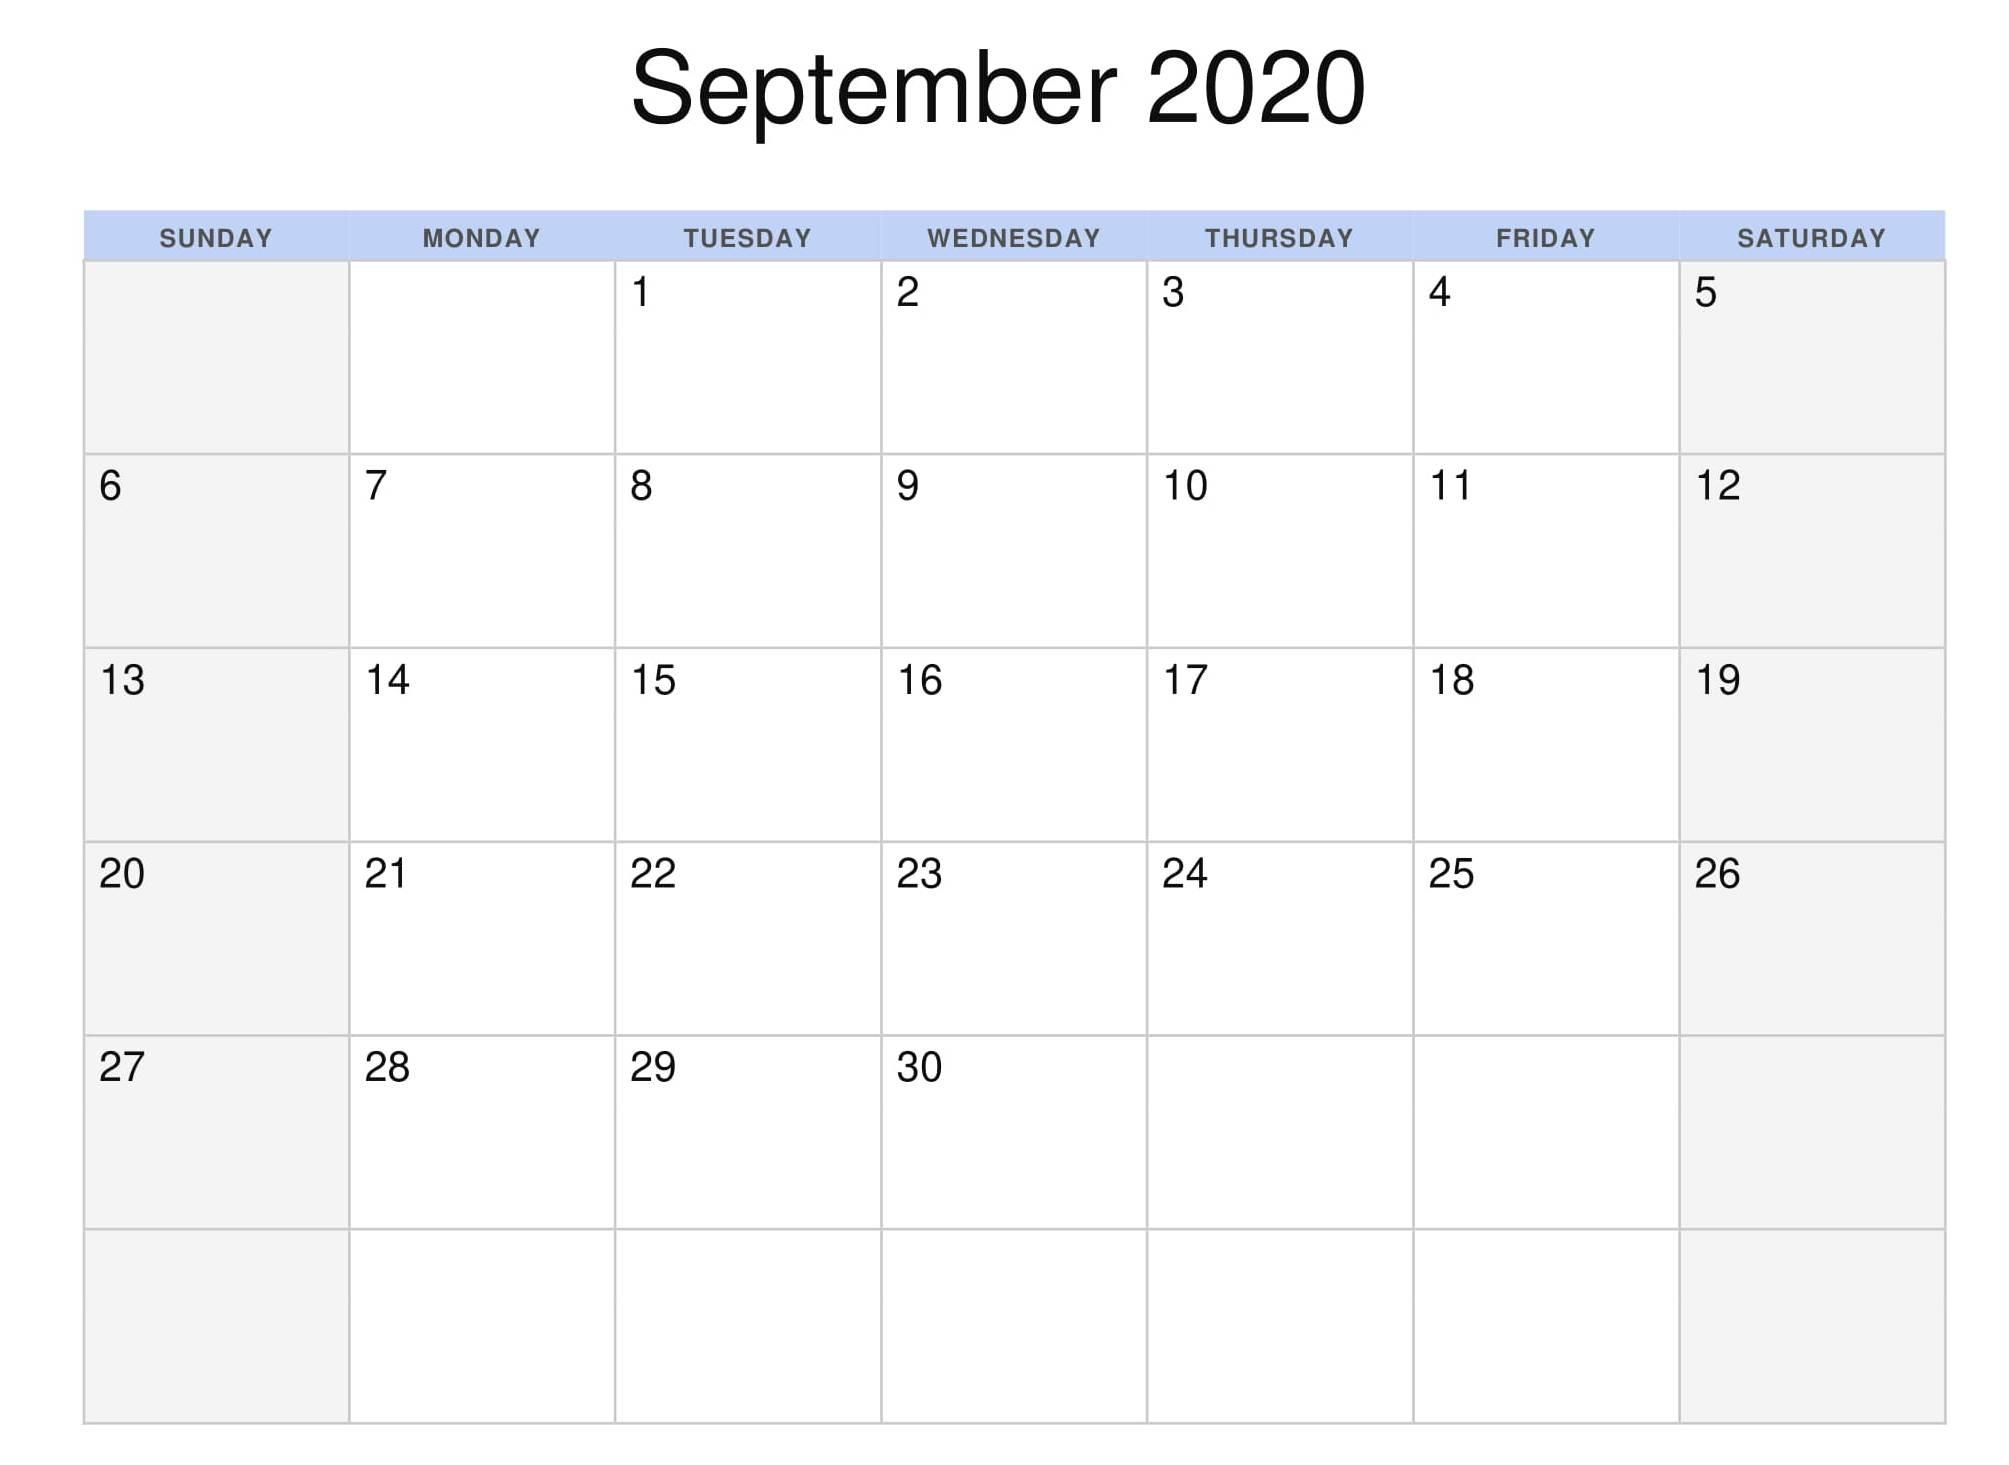 September 2020 Calendar Template